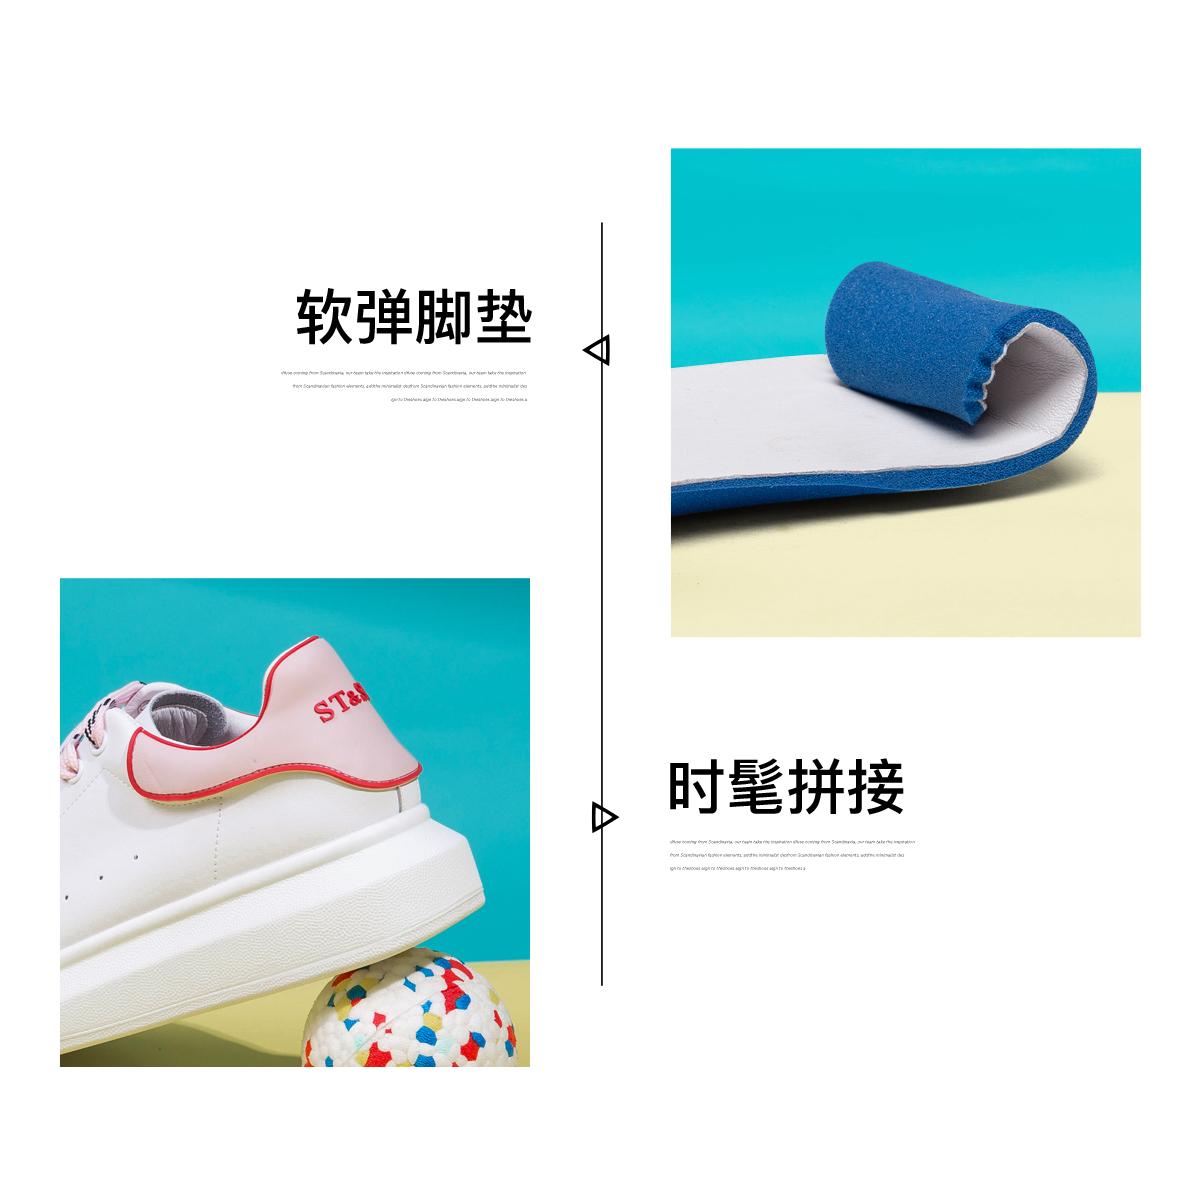 SS11112100 春季新款中跟深口网红小白鞋 2021 星期六休闲板鞋